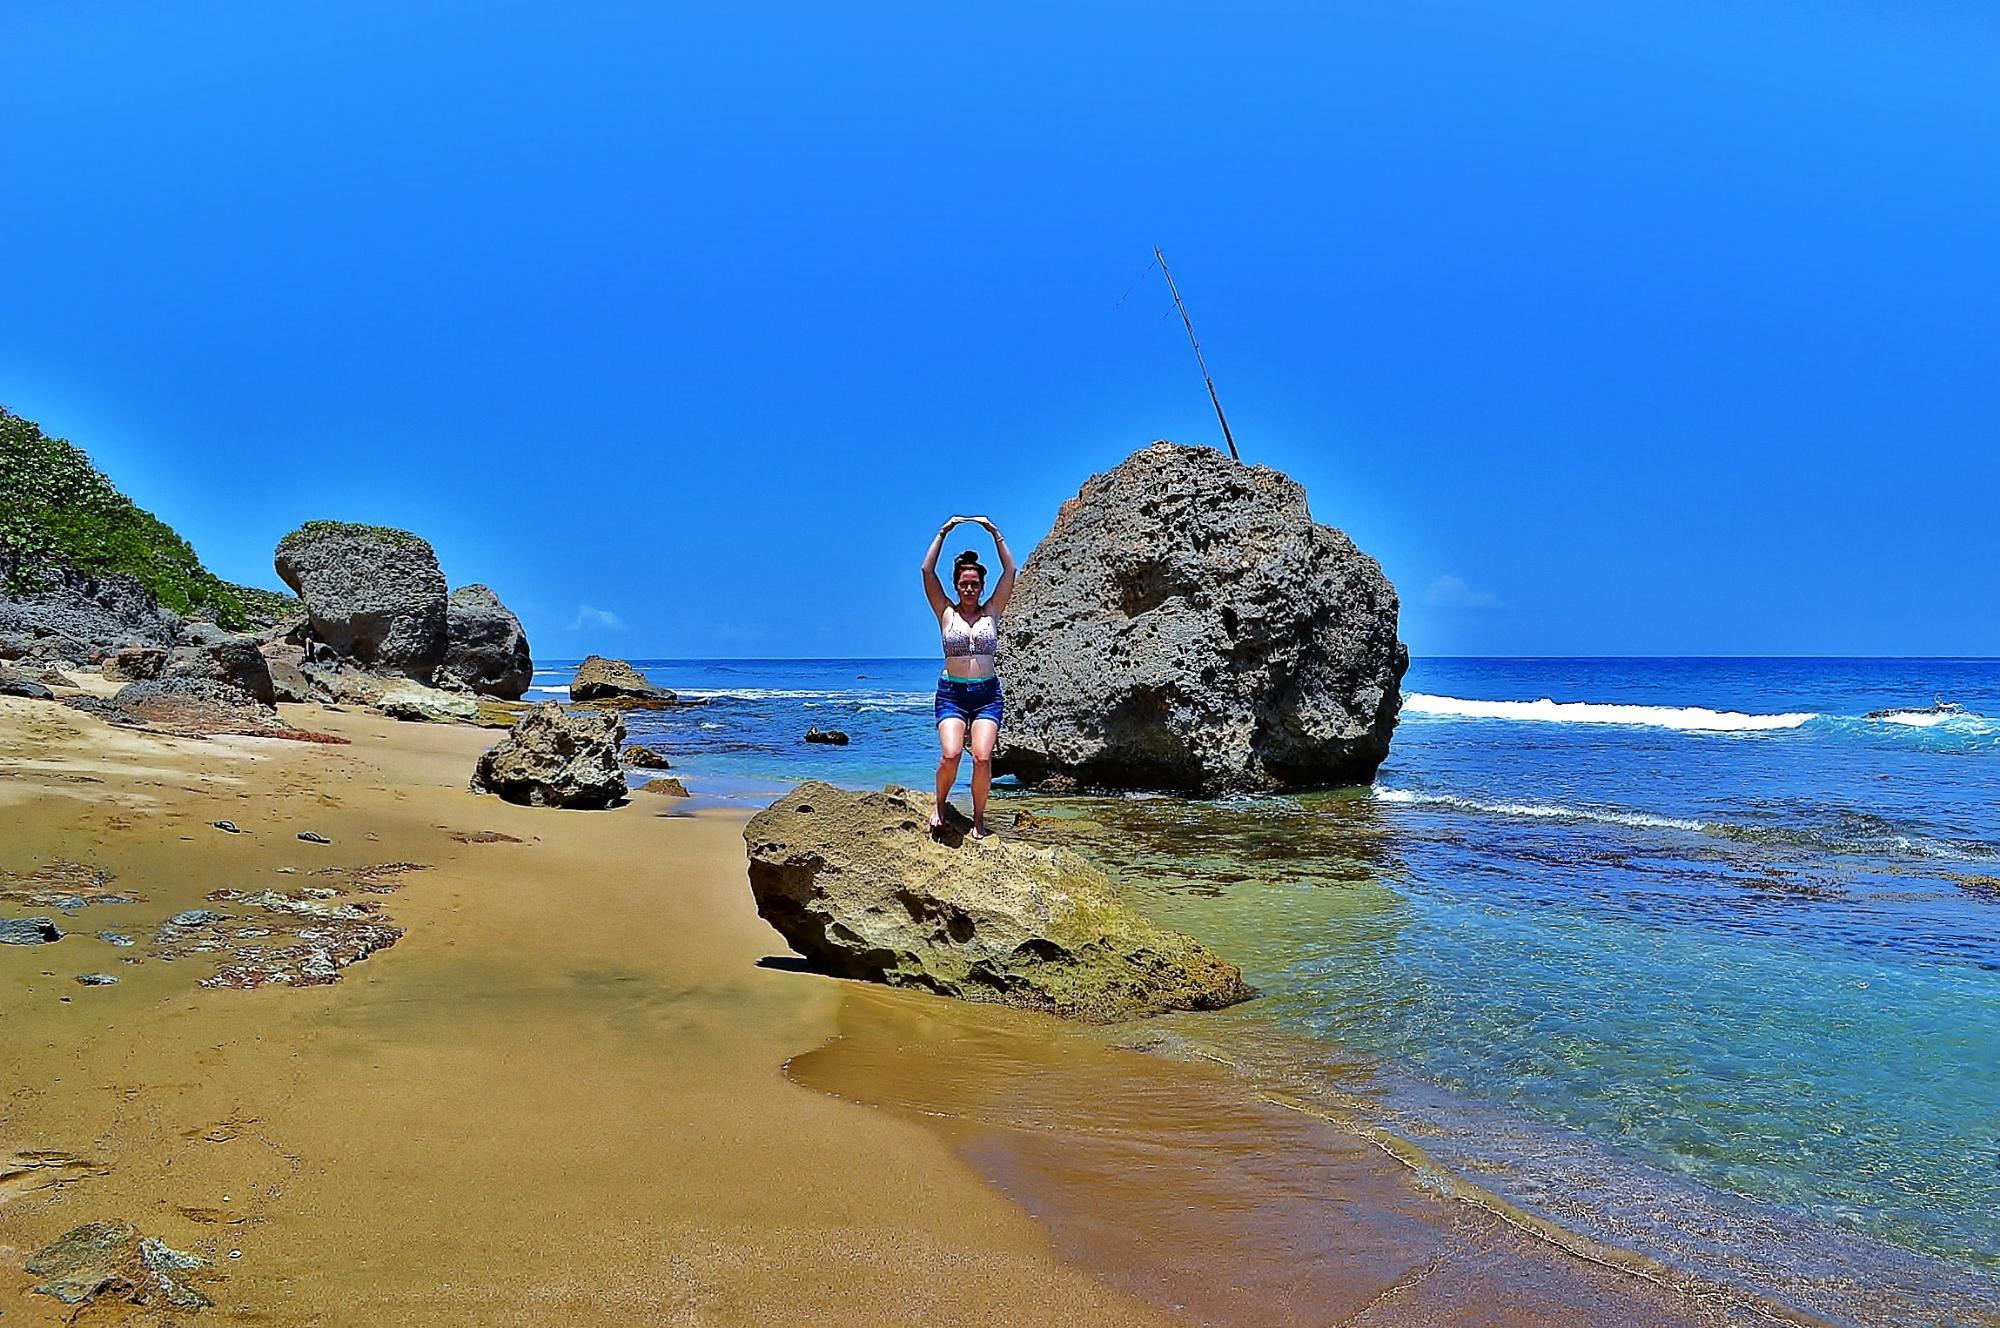 Survival Beach  Parte de la materia!!!